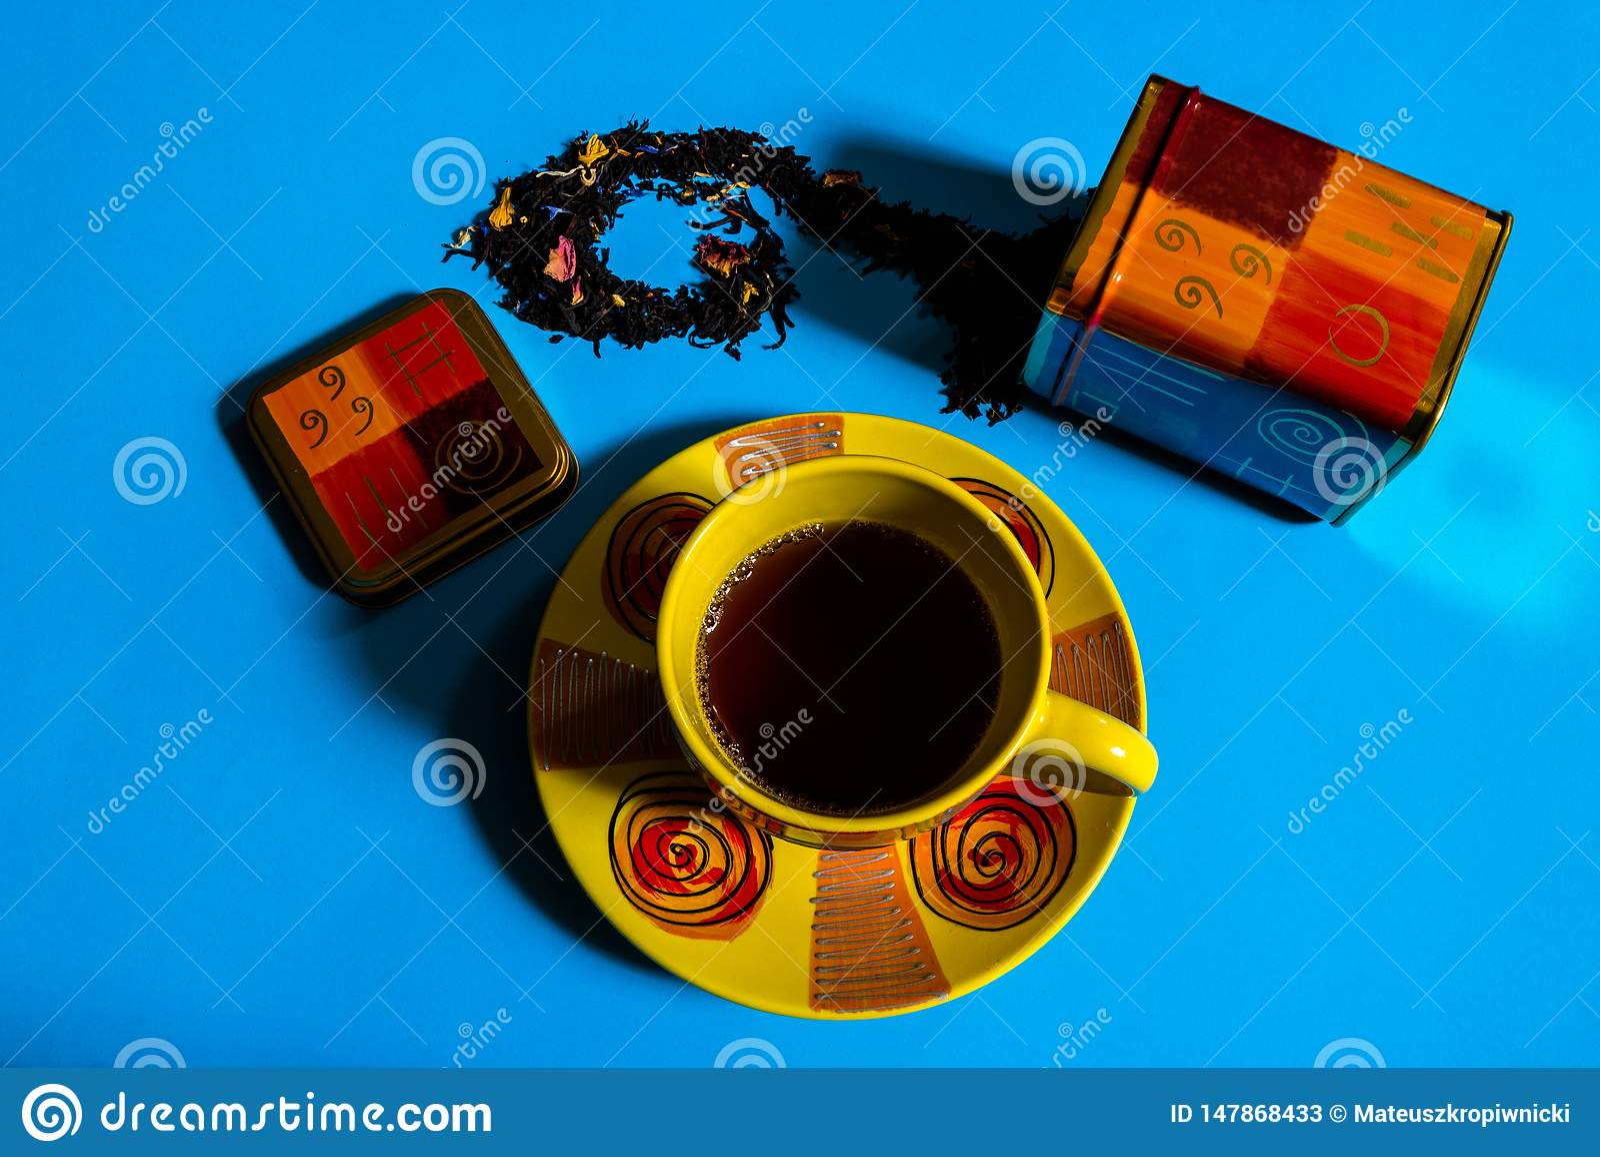 Flache Ansicht des Teezeitkonzeptes mit bunter Teeschale, Teebeh?lter, loser schwarzer Tee auf blauem Hintergrund